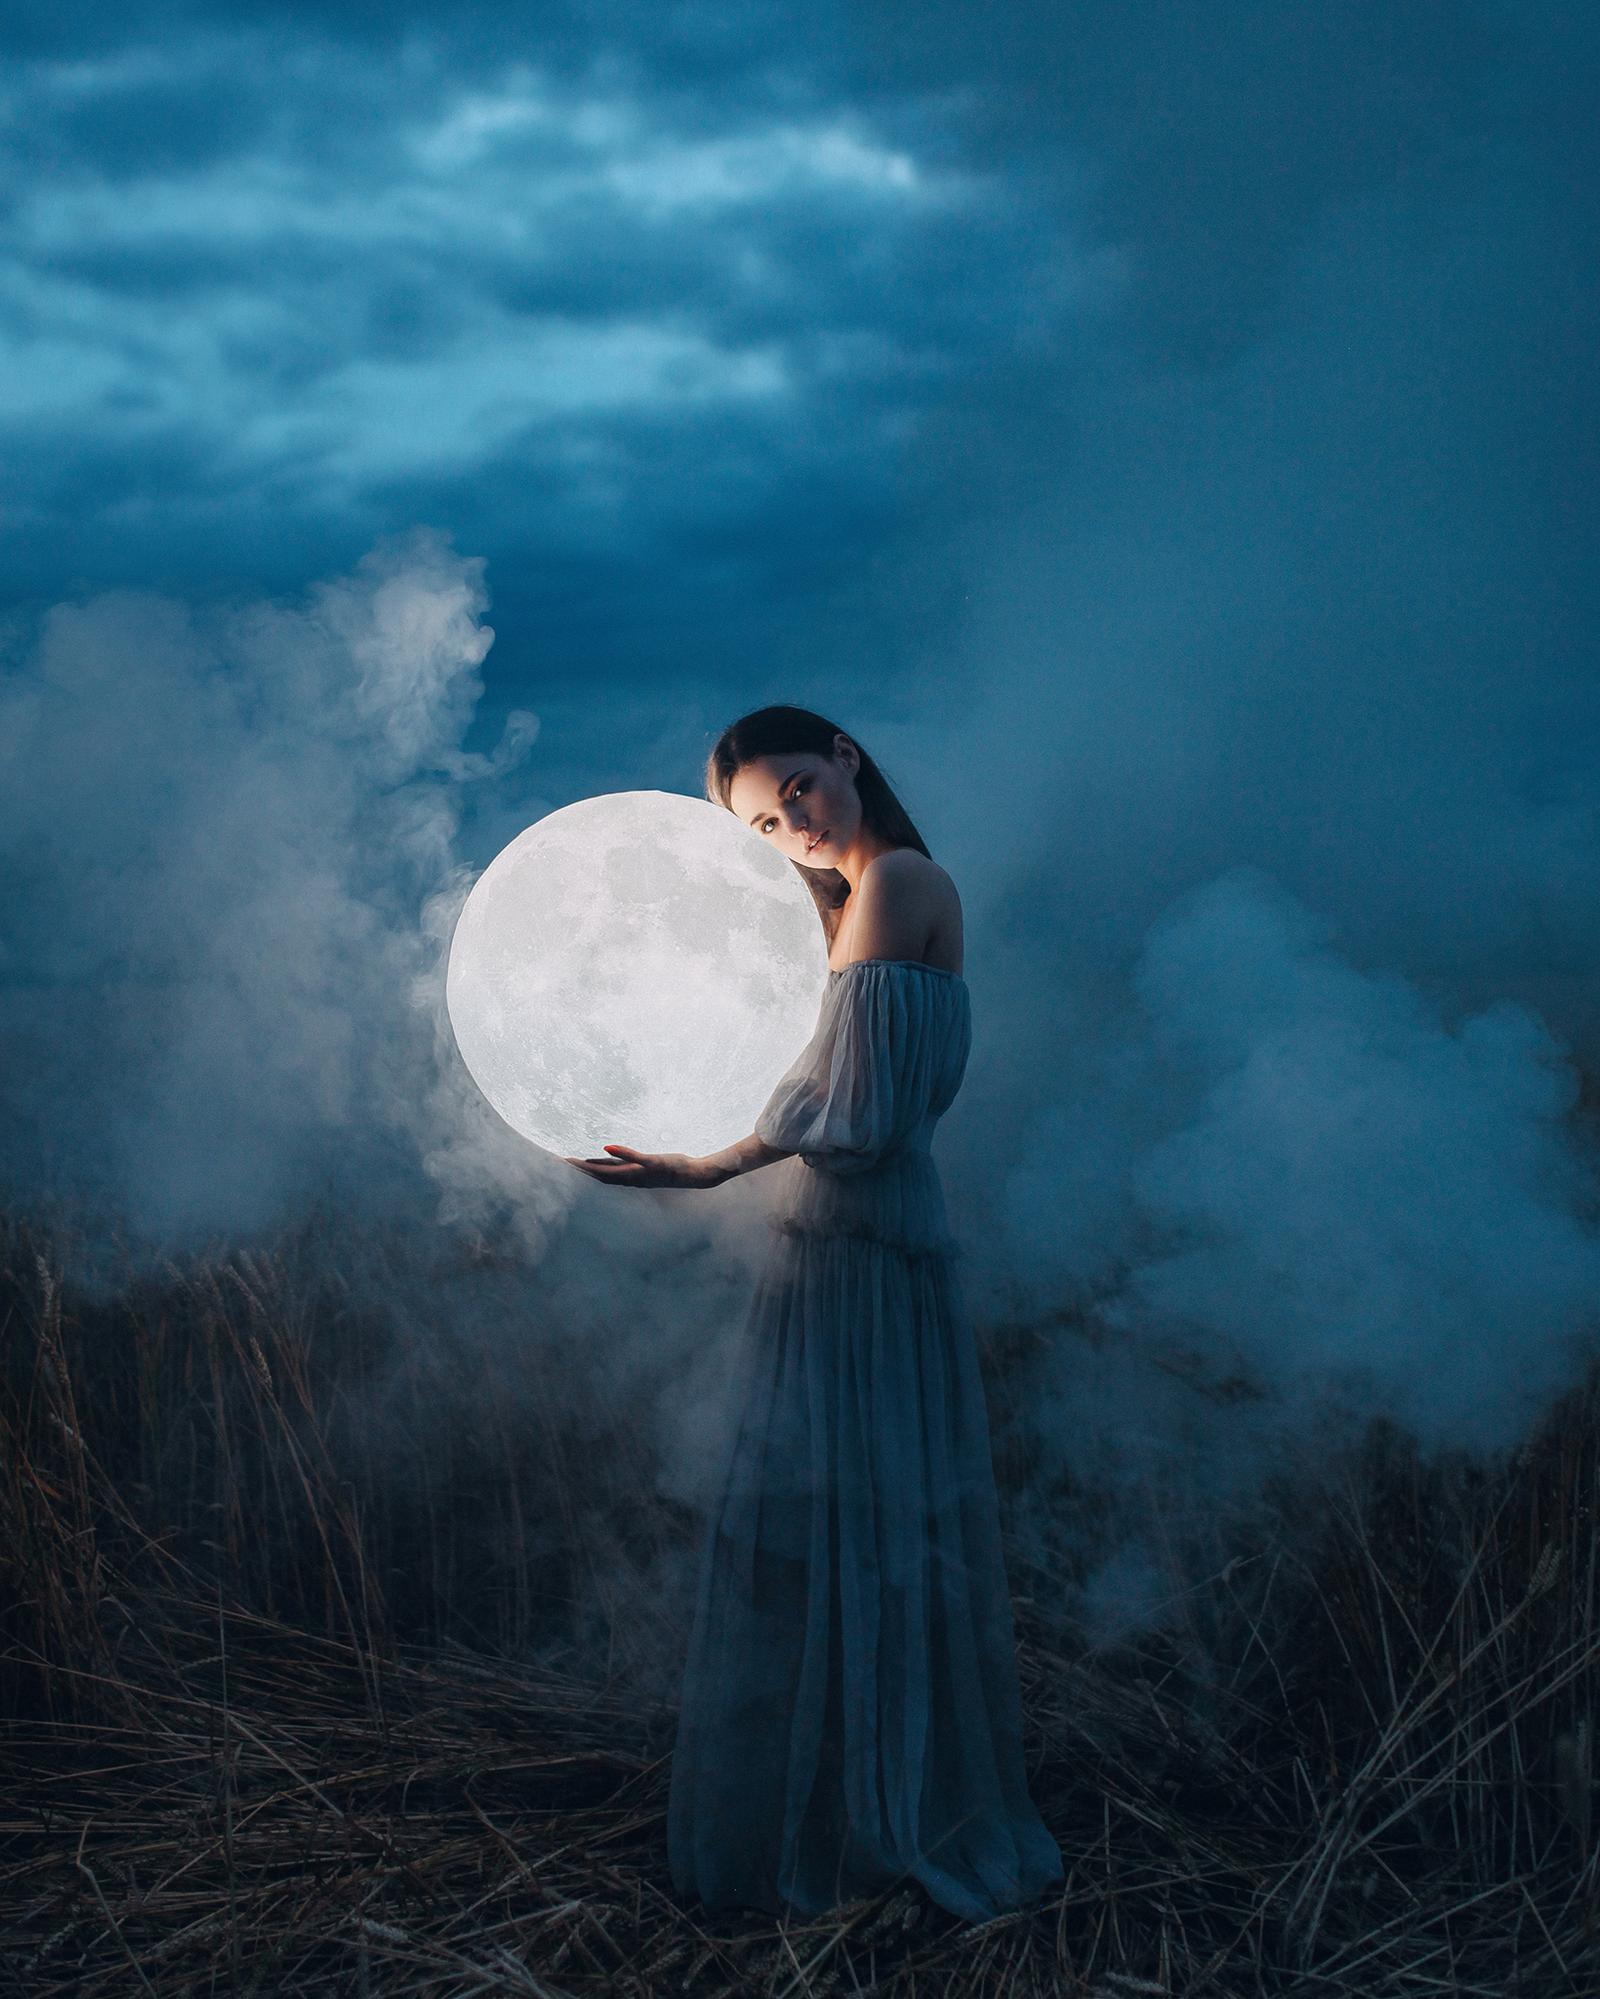 луна человек фото картинка лестницей обязательна при